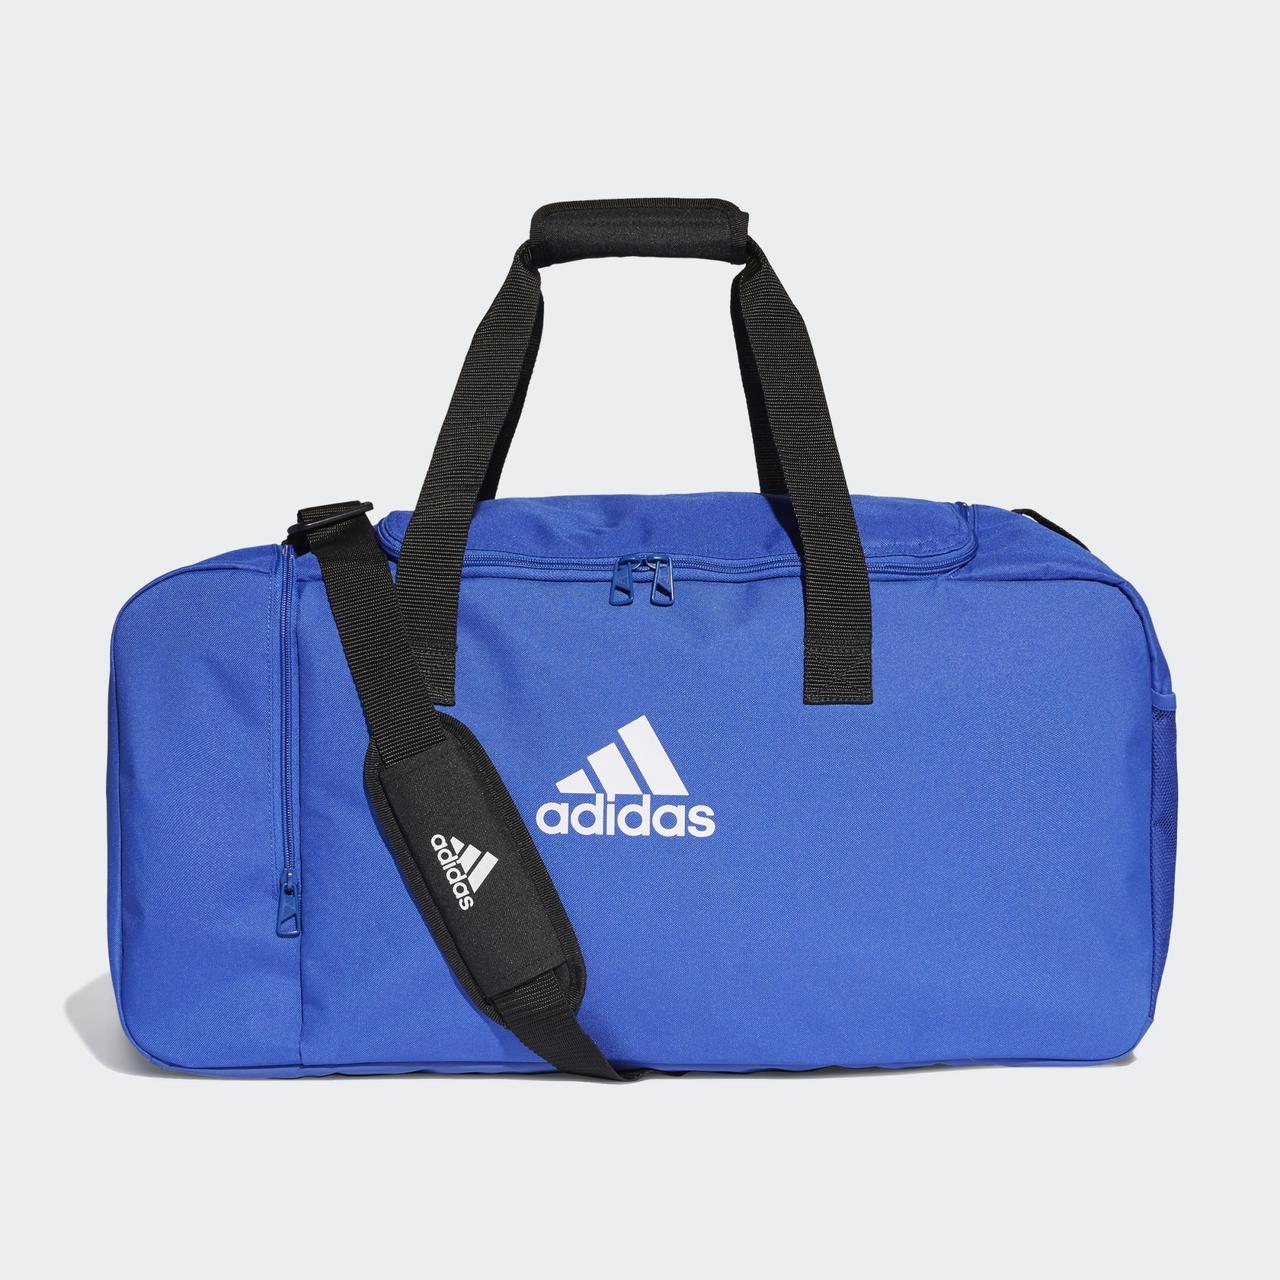 Спортивная сумка Adidas Tiro Dufflebag M DU1988 (original) 50 л, среднего размера, мужская женская SportLavka